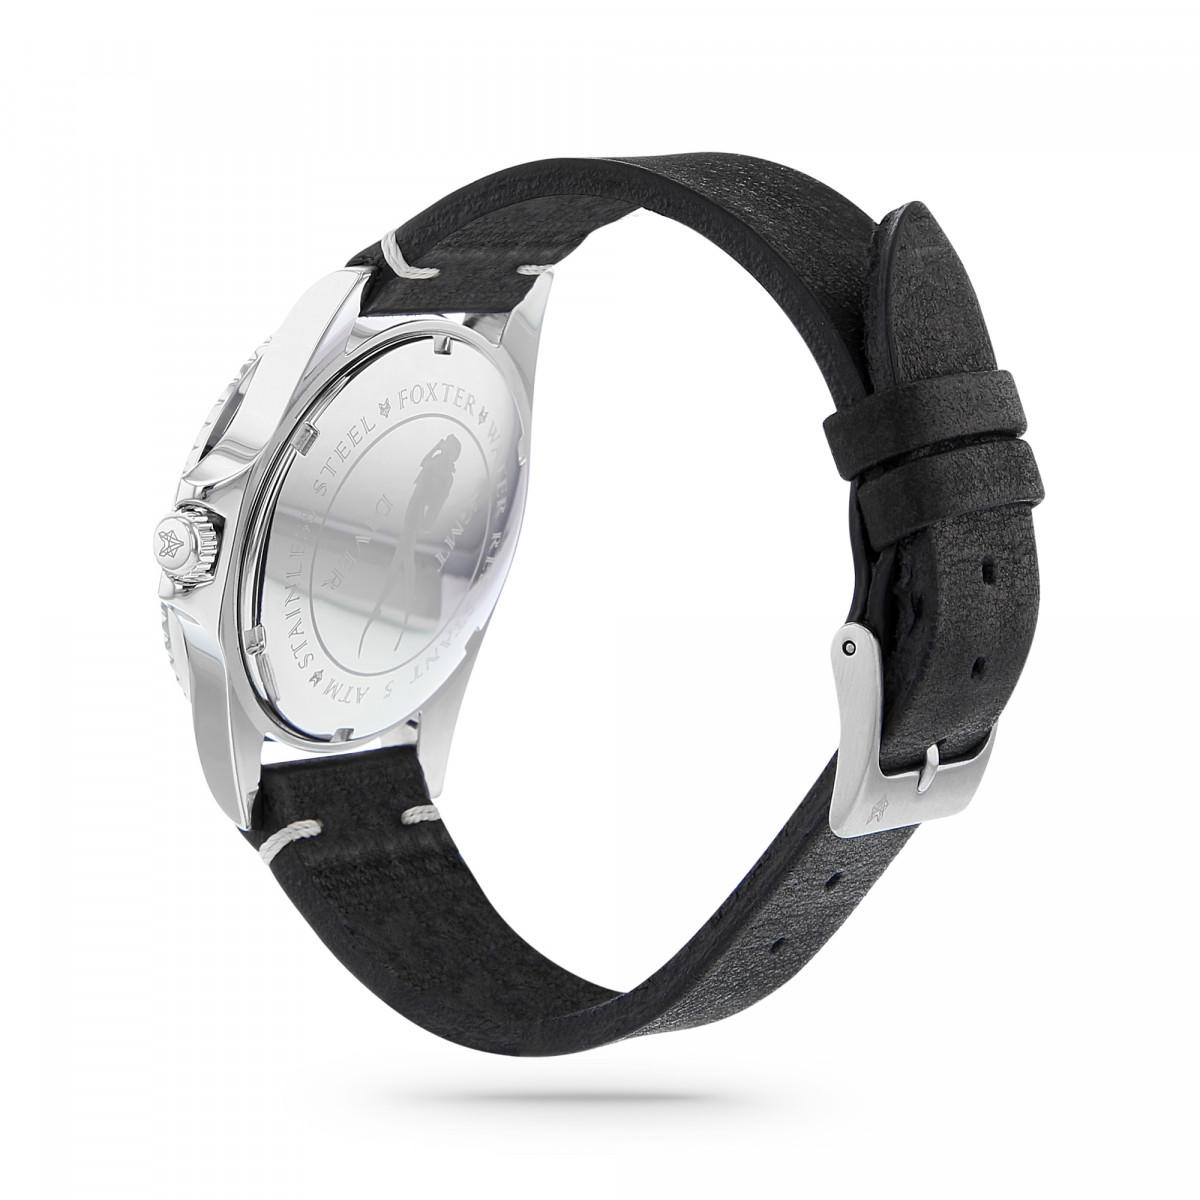 Montre Homme Foxter Sixties bracelet cuir noir, boitier acier et fond noir - SIXTIES3